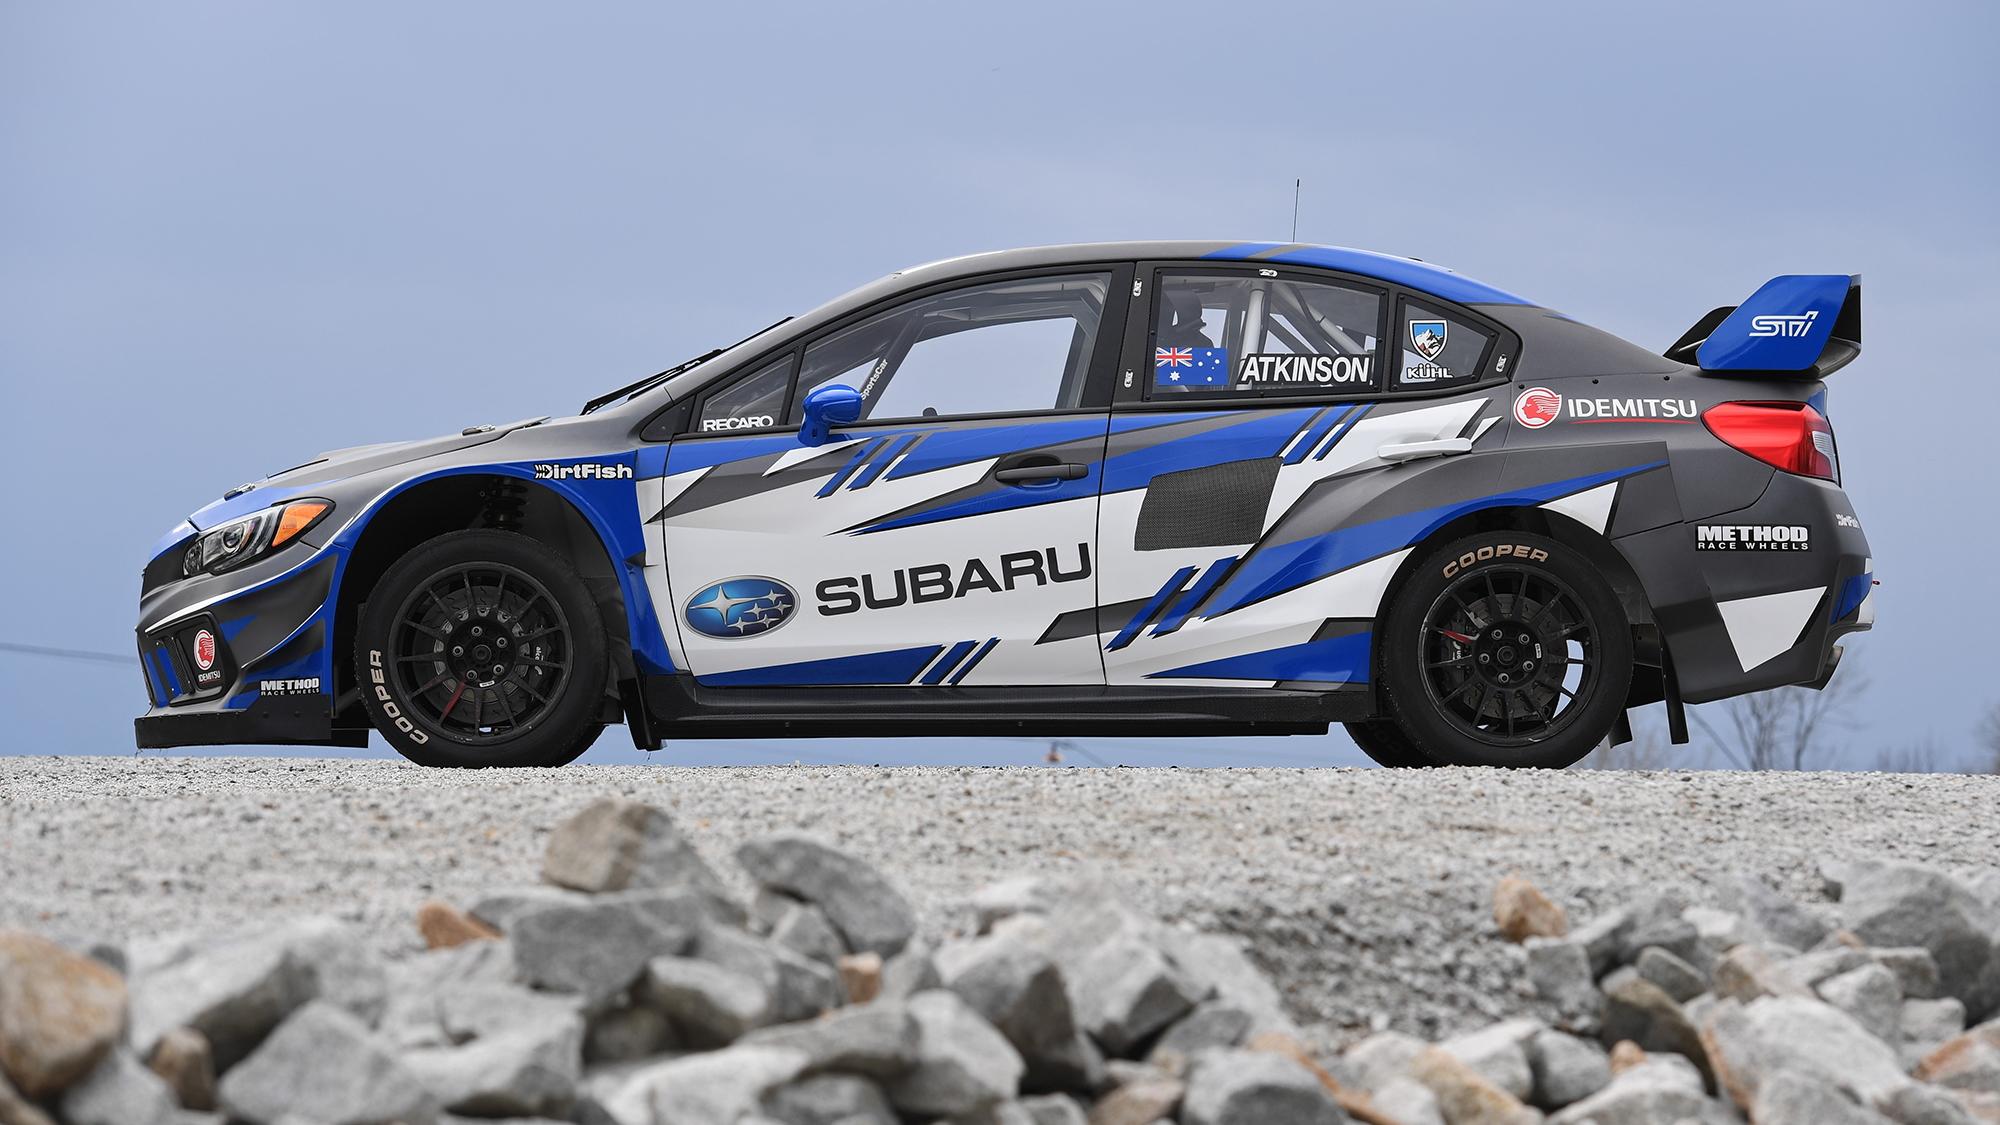 Chris Atkinson's Subaru Americas Rallycross Championship team car